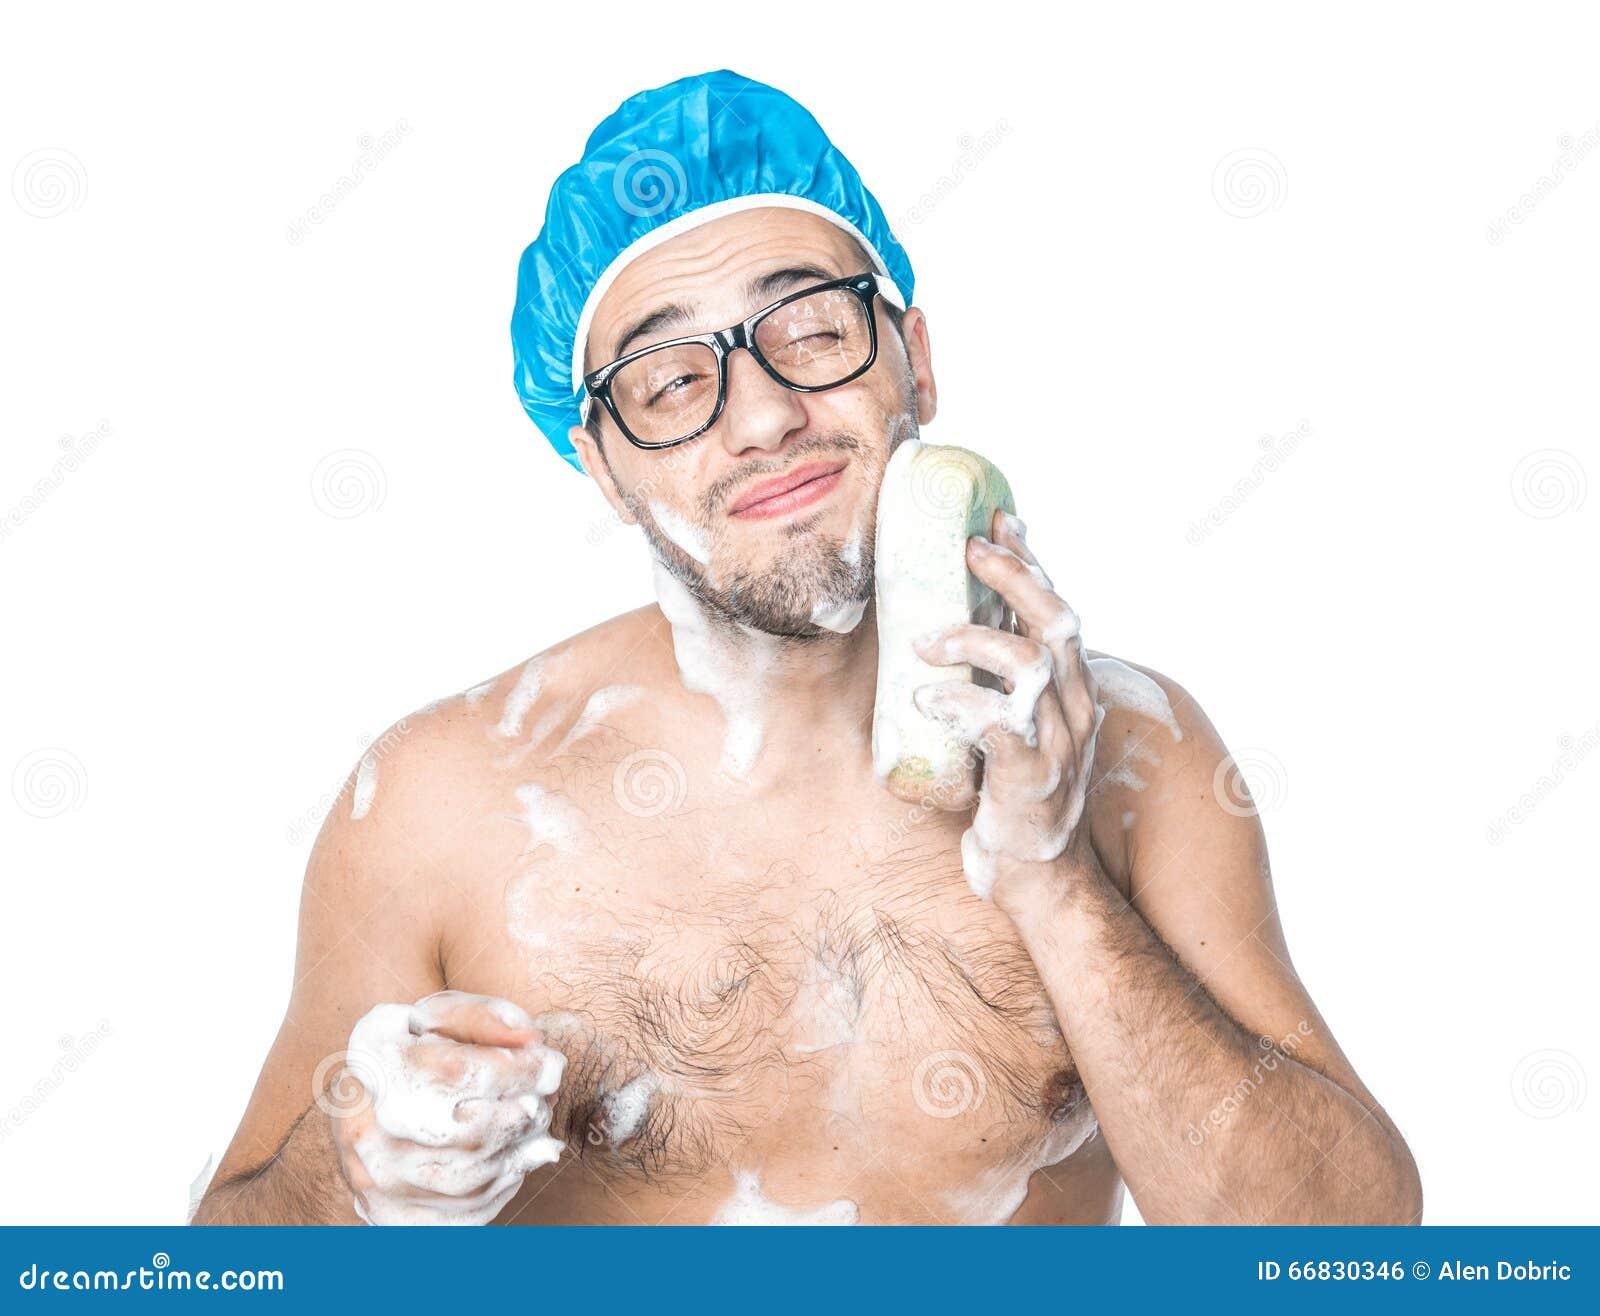 Man bathing cumshot photo 61